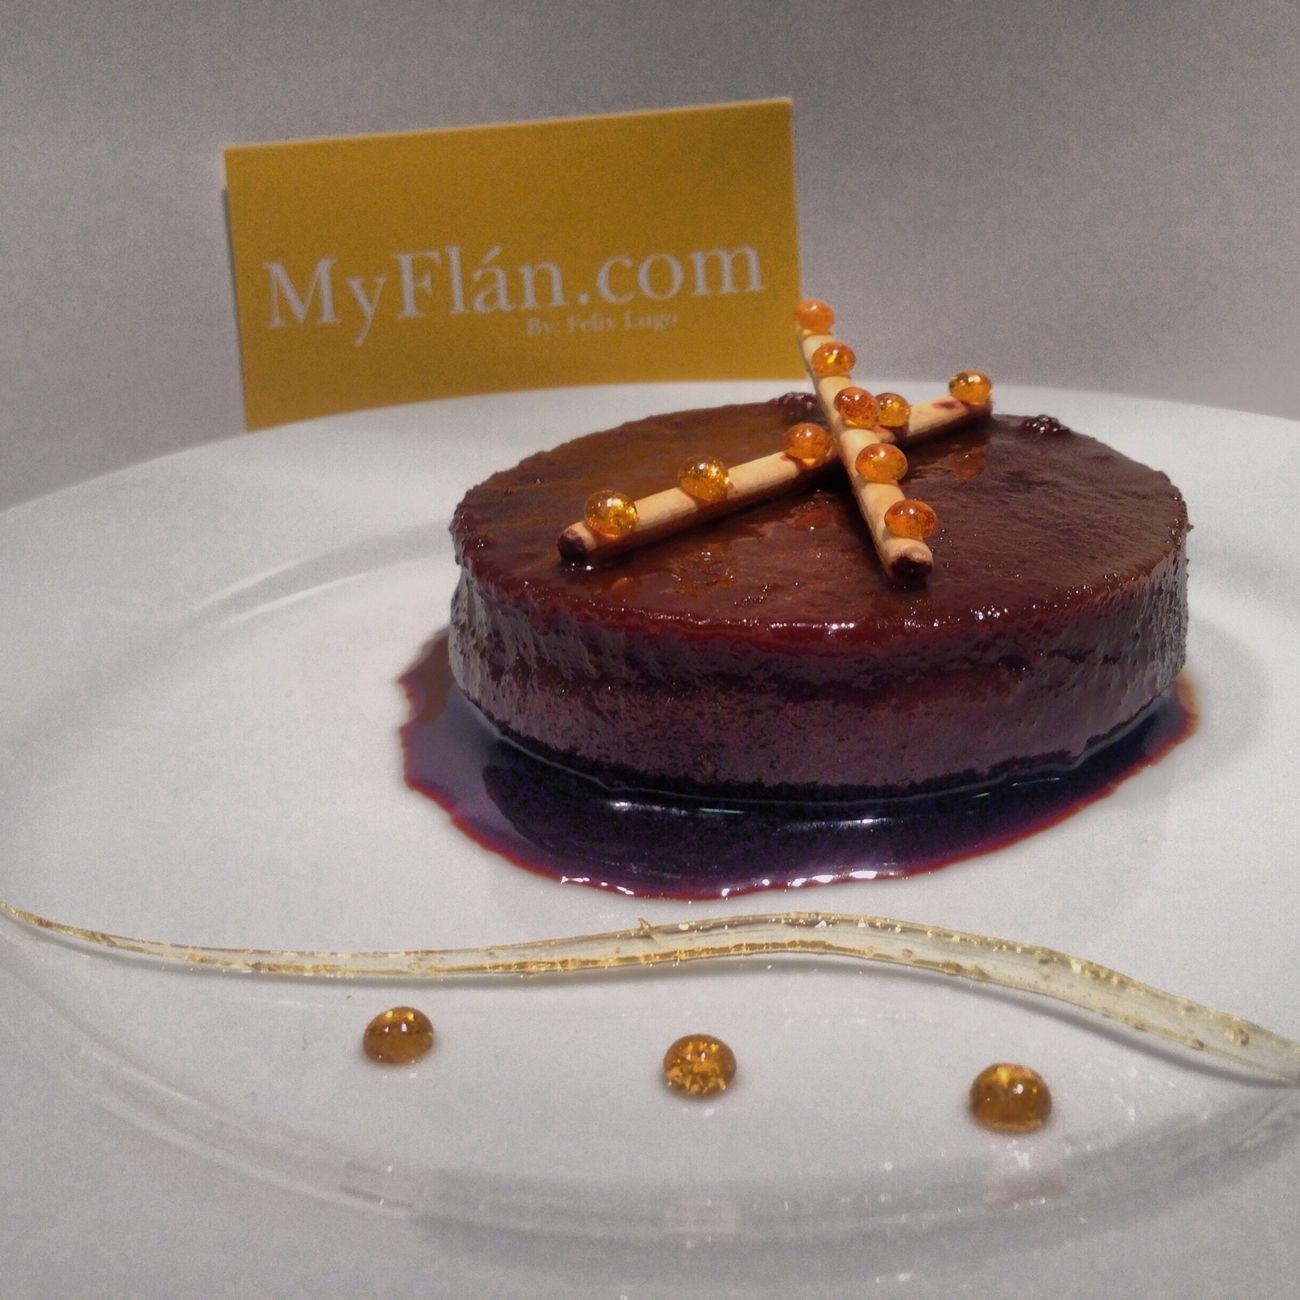 Foodie Flan Myflan Foodporn Sweet Desserts Bakery Sugar Chocolate